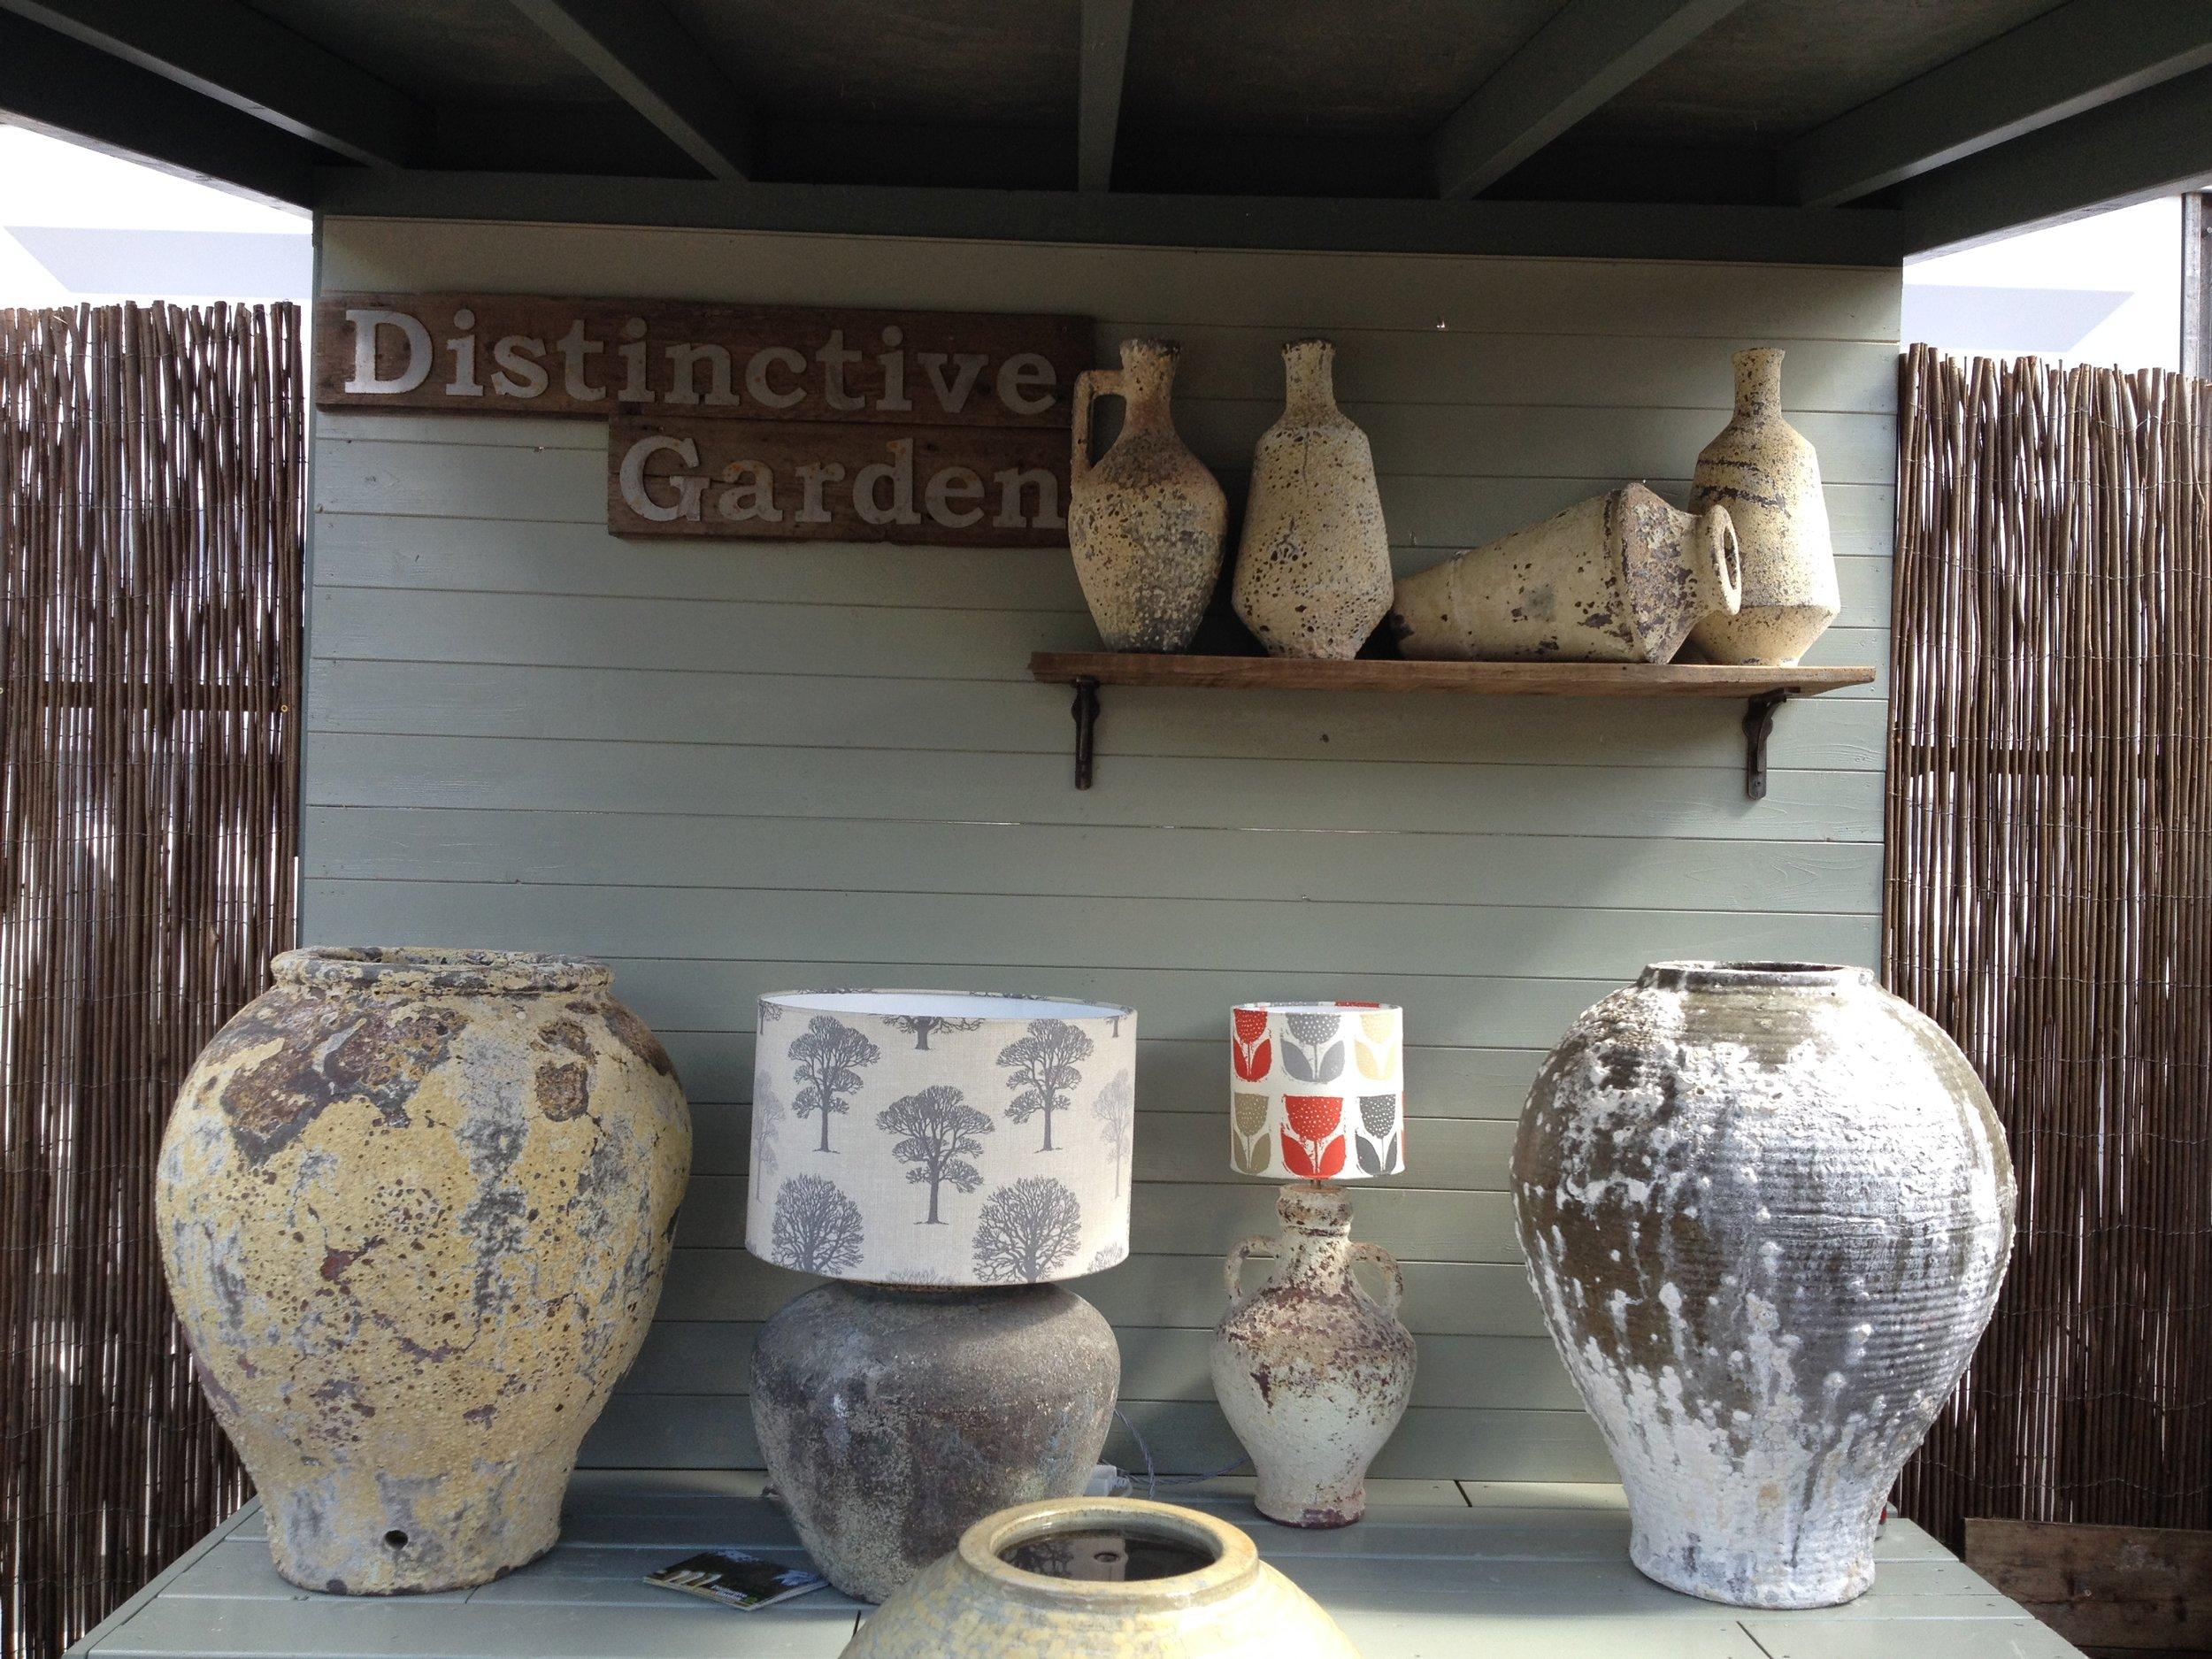 Distinctive garden